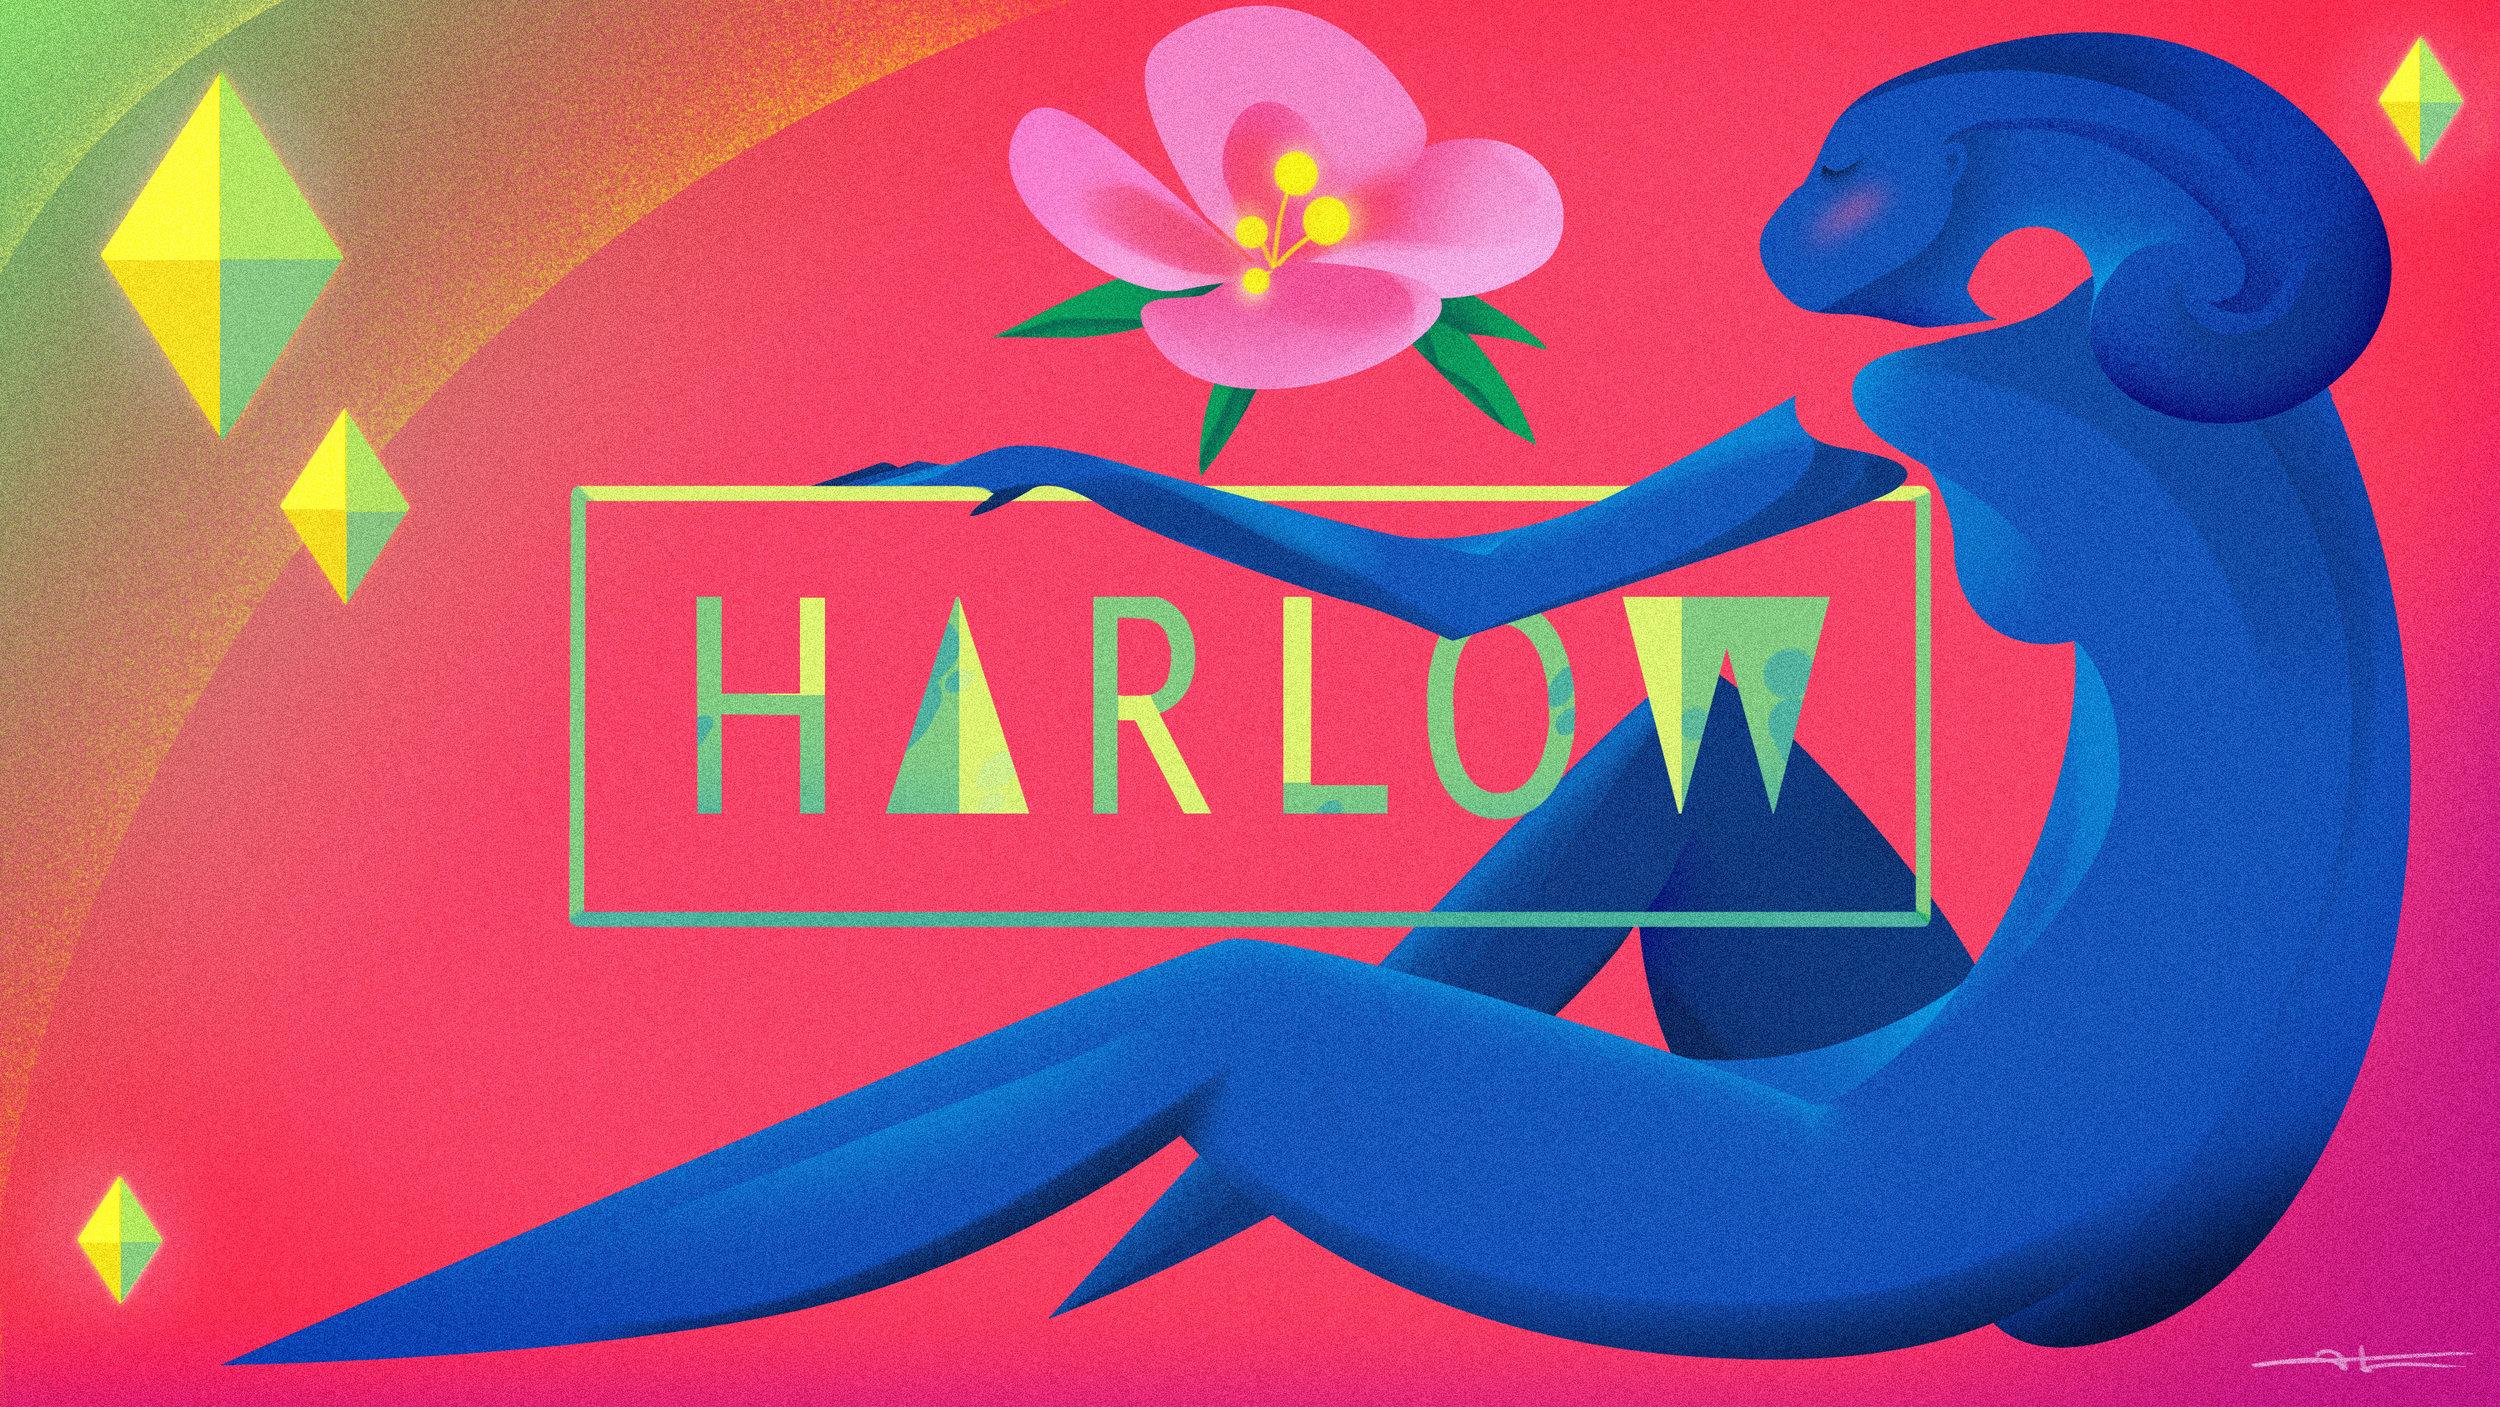 HARLOW Skin care